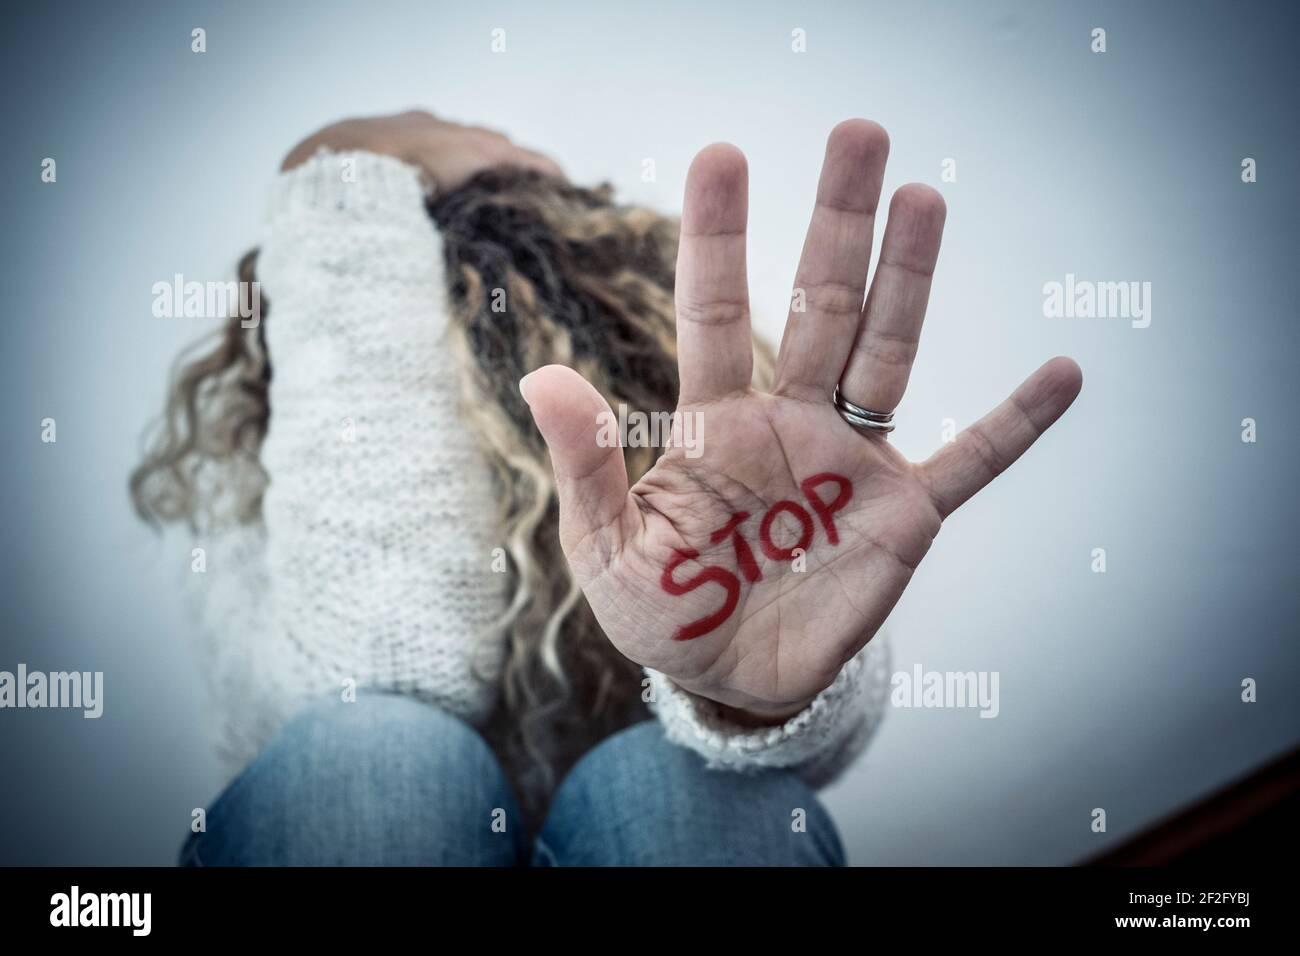 Detener el crimen violencia abuso contra las mujeres de hombres - mujeres protéjase sentado en el suelo con la mano a la defensa - violencia contra el crimen en el hogar y la pareja abuese Foto de stock